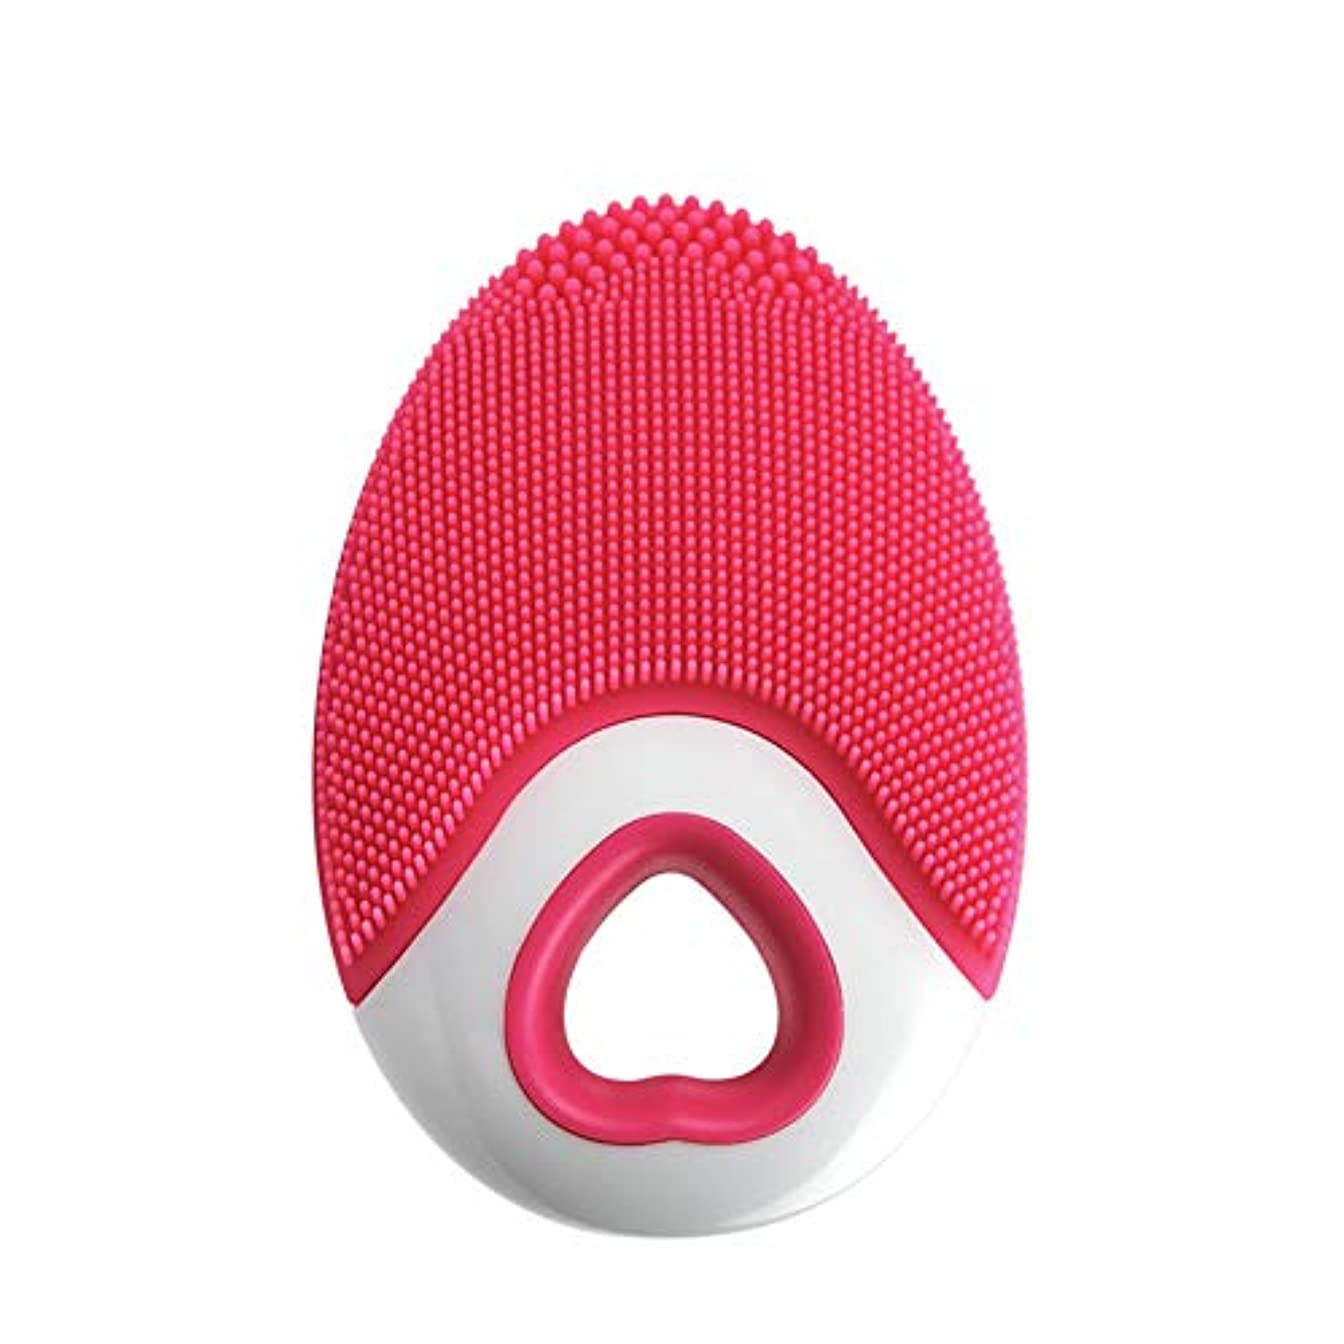 どれでも同級生苦難Aylincool   1ピースシリコンフェイスクレンザーブラシ超音波ディープクリーニング防水ワイヤレス充電